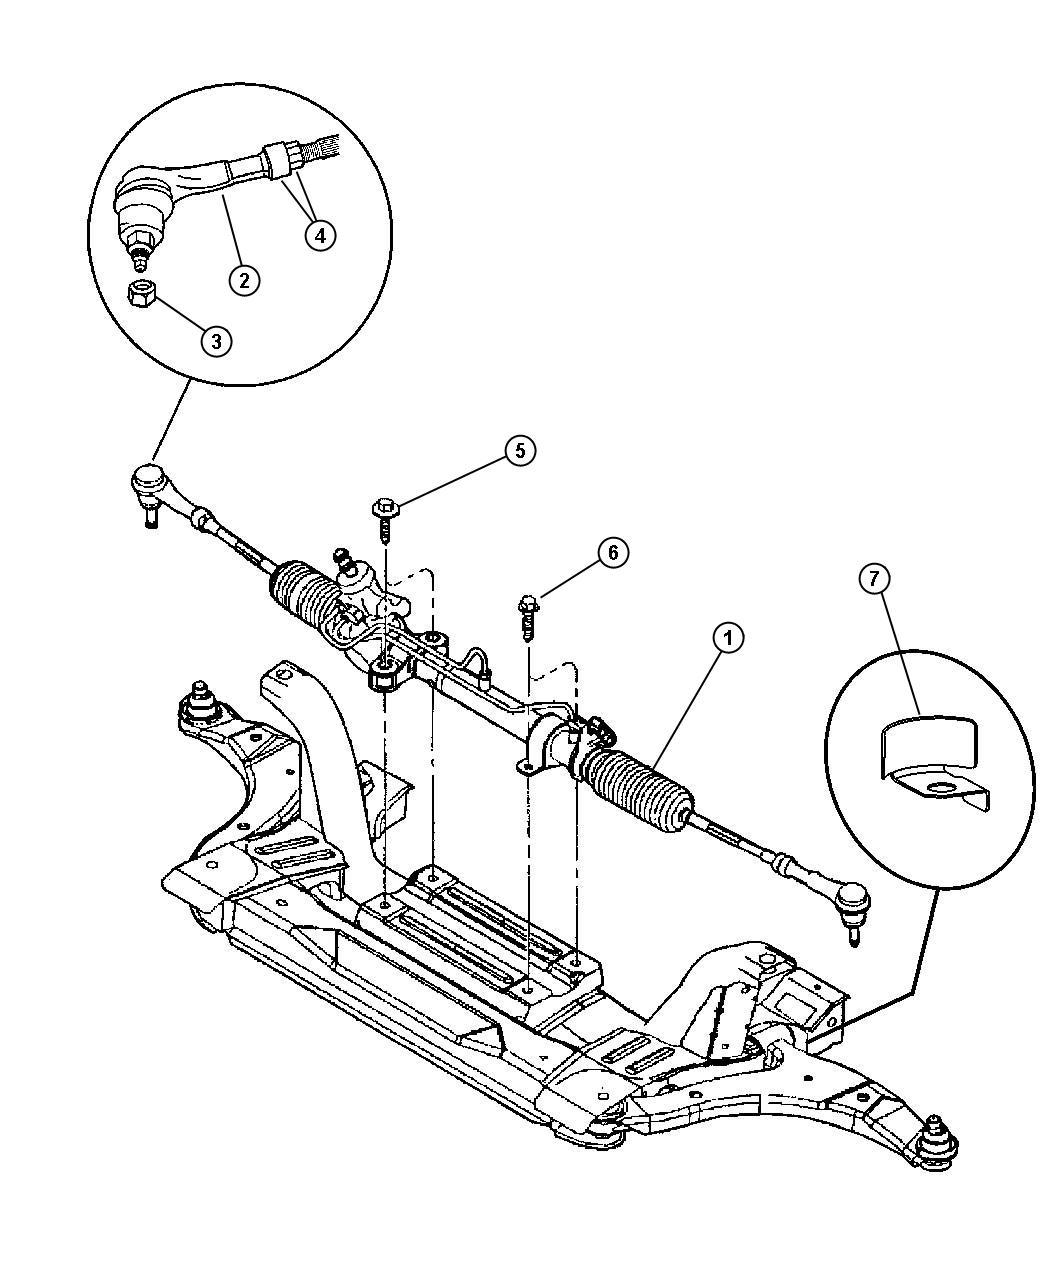 Dodge Neon Gear Power Steering Export Firm Feel